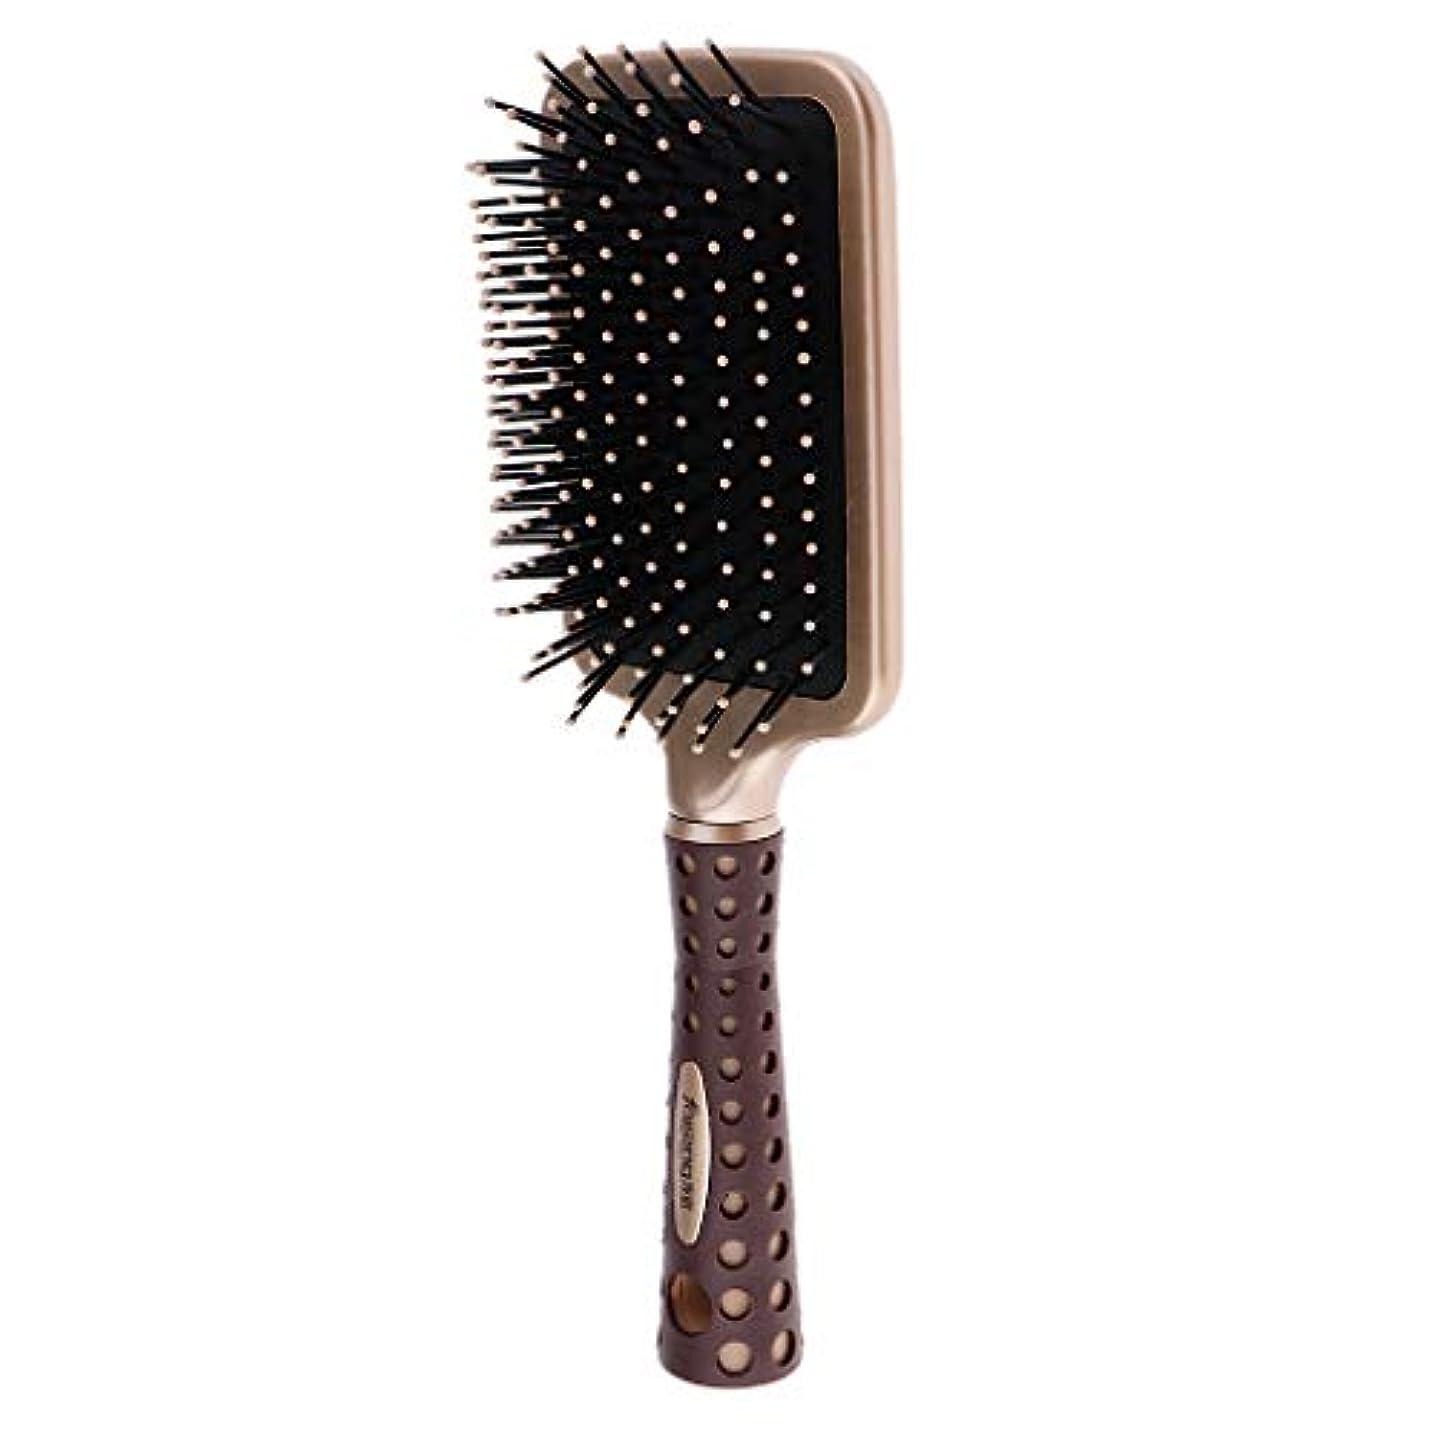 絶え間ない脚本拡声器P Prettyia 静電防止櫛 クッションヘアブラシ 頭皮マッサージ コーム 2サイズ選べ - L